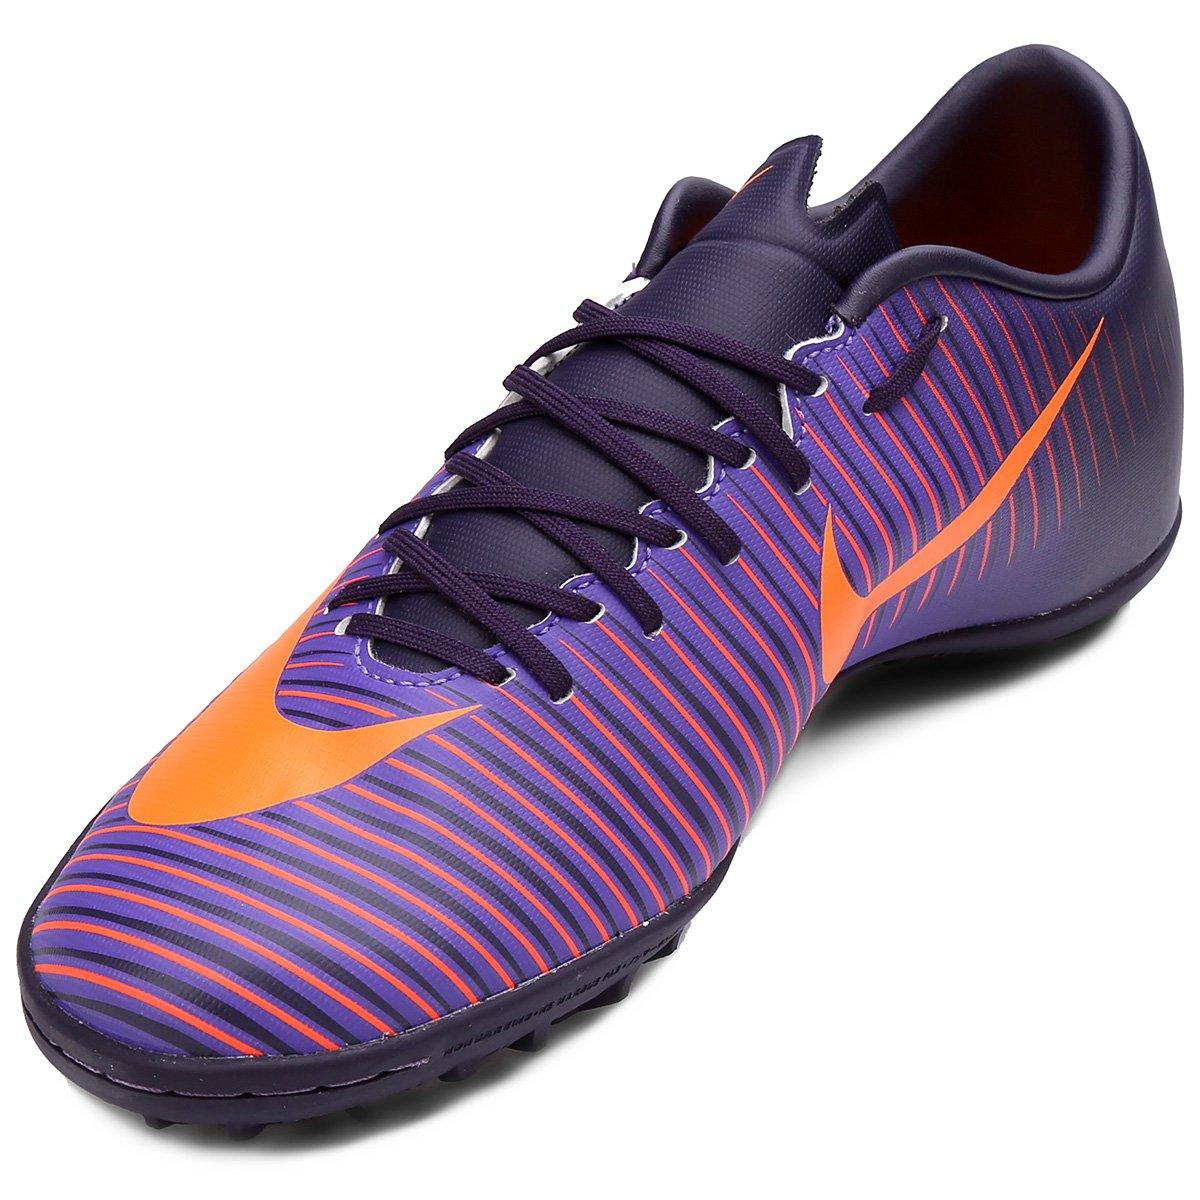 Chuteira Society Nike Mercurial Victory 6 TF Masculina - Roxo ... 371ea277ebe16